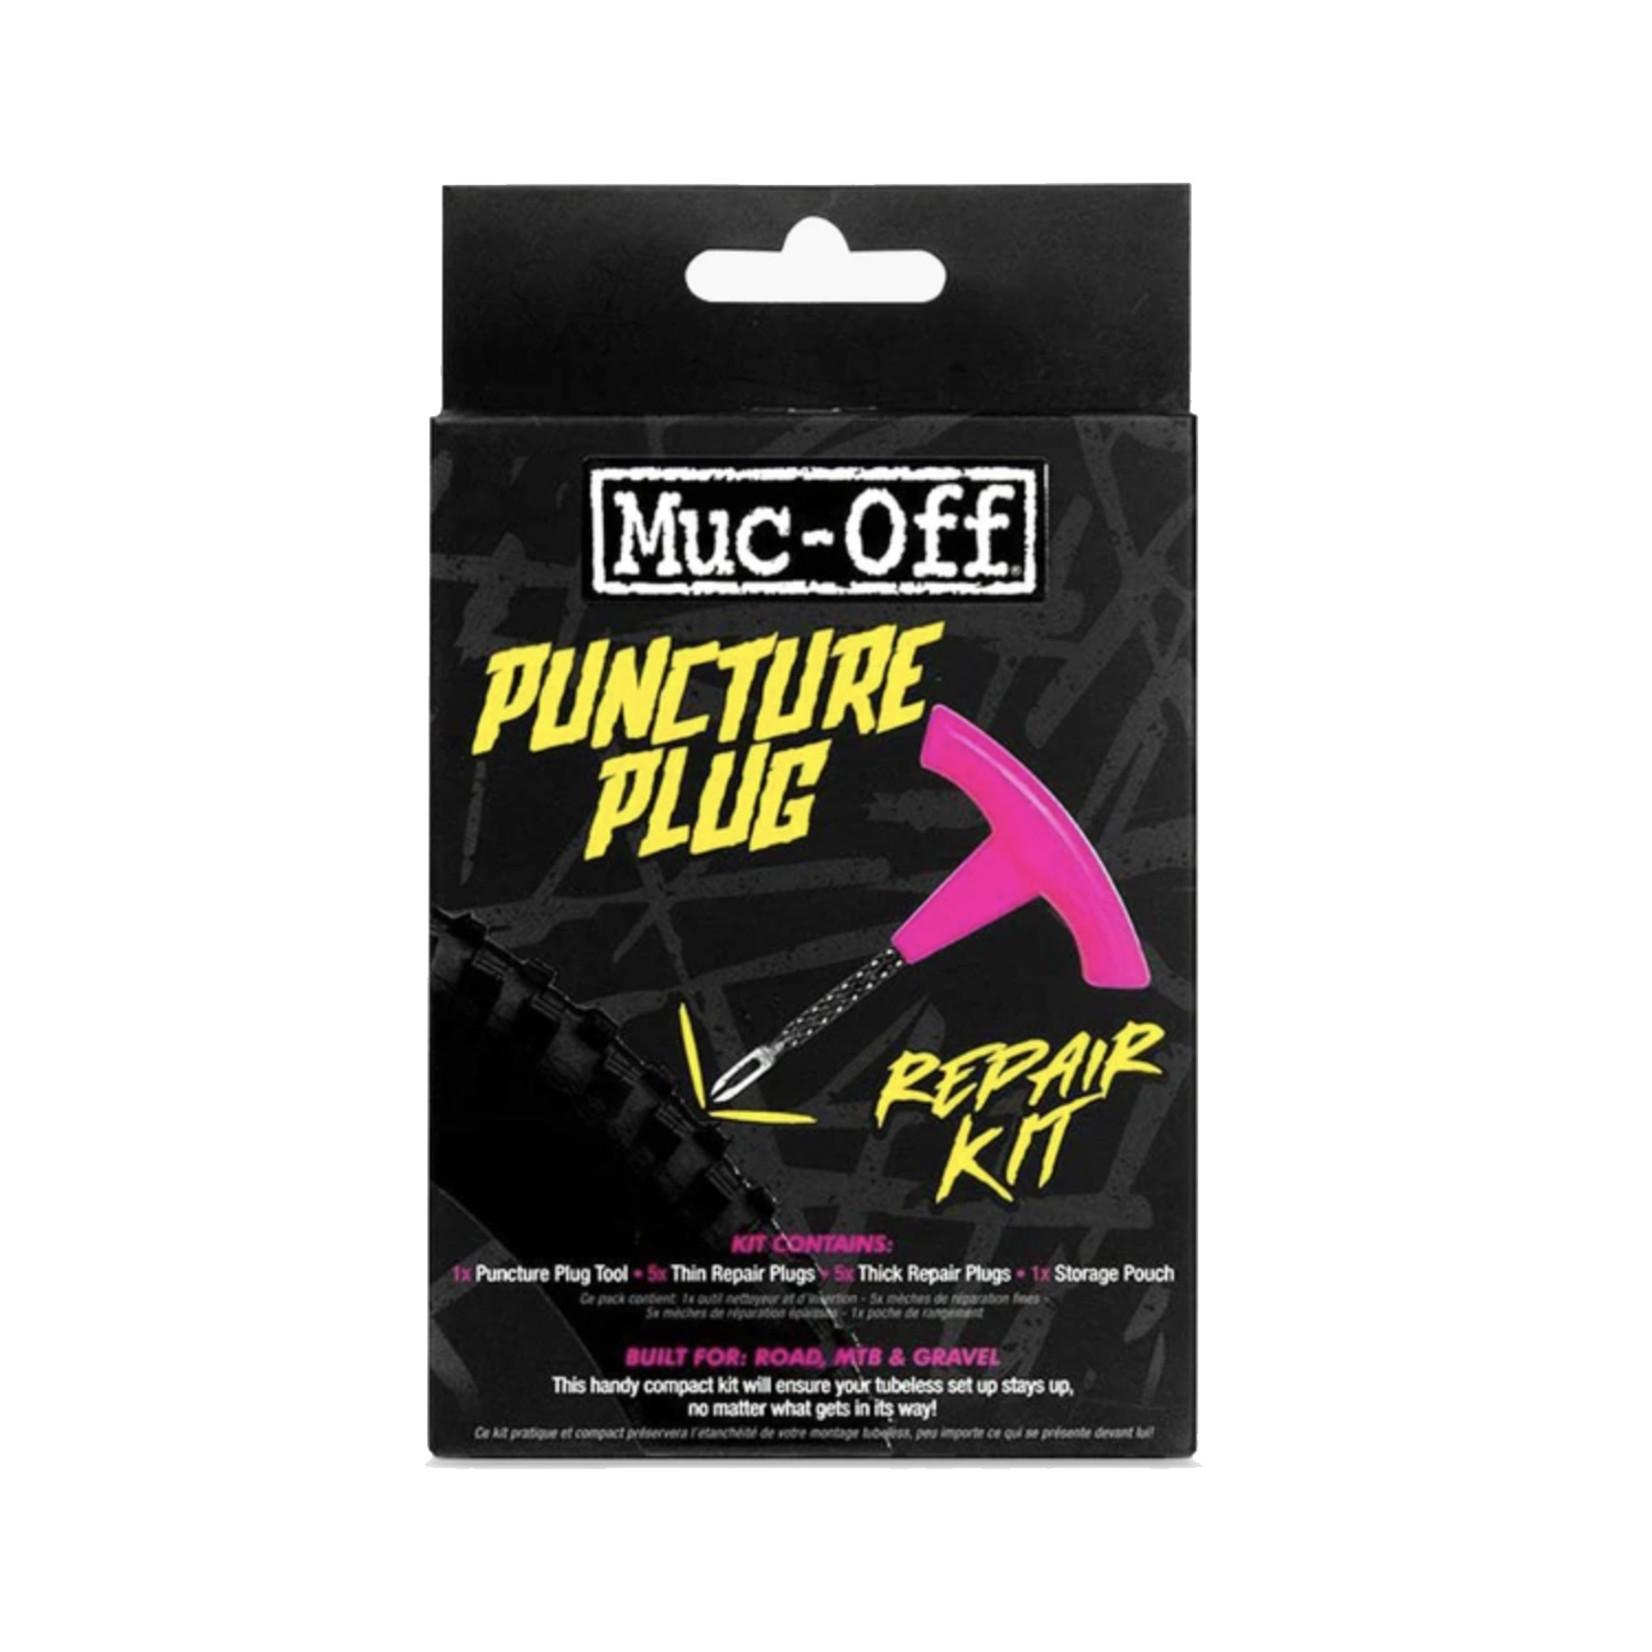 muc-off Muc-Off Puncture Plug Tubeless Repair Kit